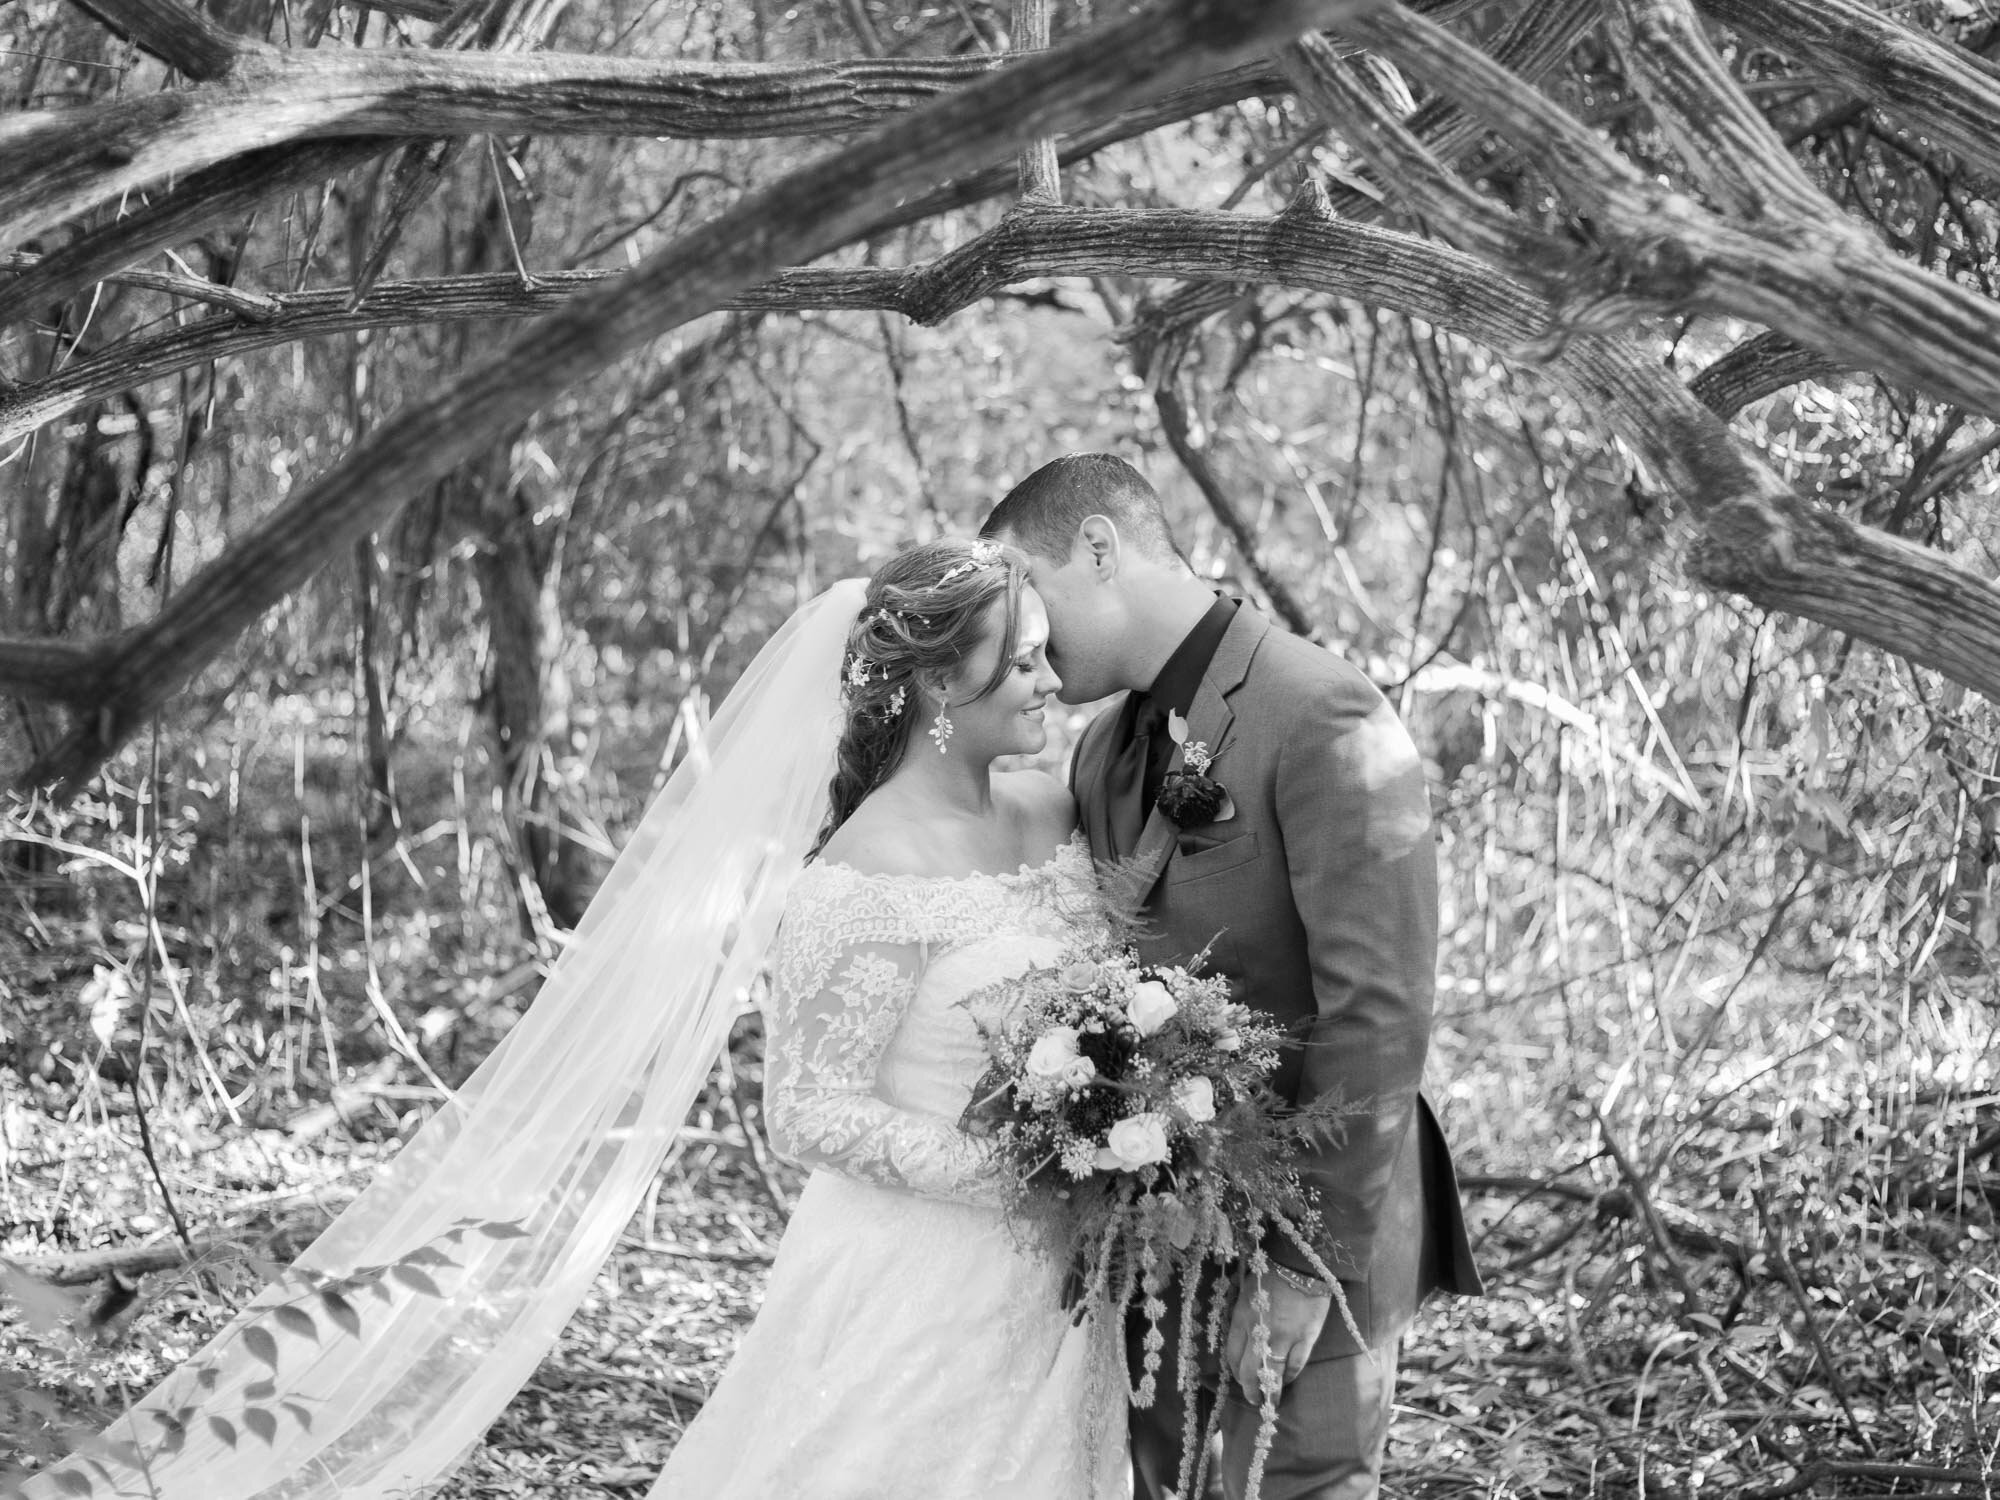 23456 Best+of+Weddings+2017+by+Cleveland+Wedding+Photographer+Matt+Erickson+Photography.jpg